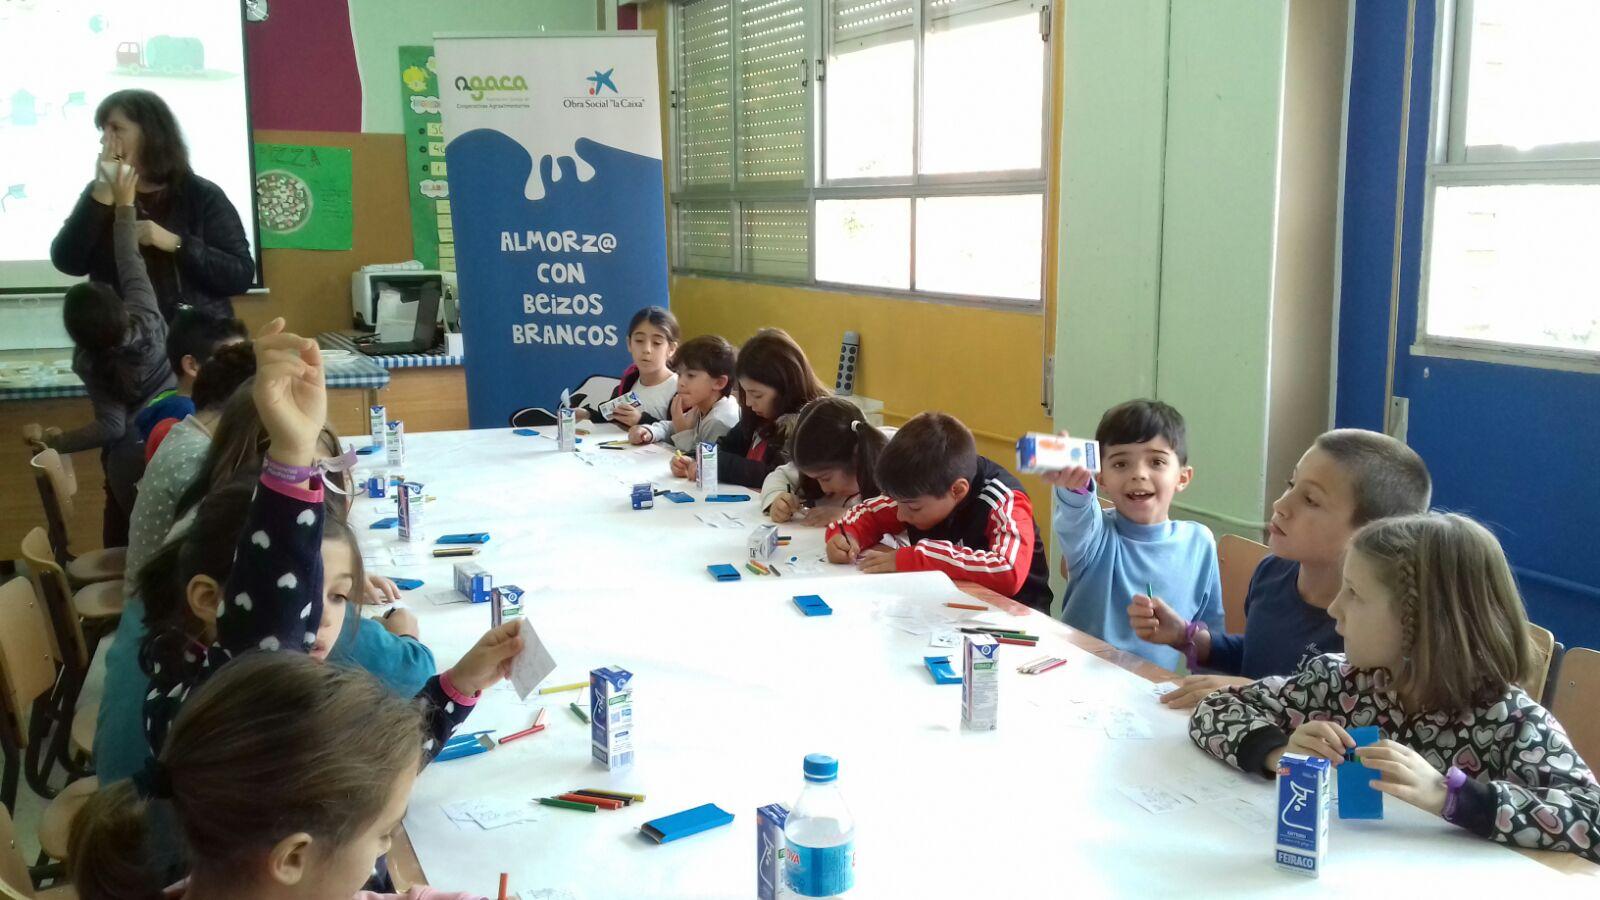 Leche, fruta y pan forman un desayuno educativo para estudiantes de Moaña